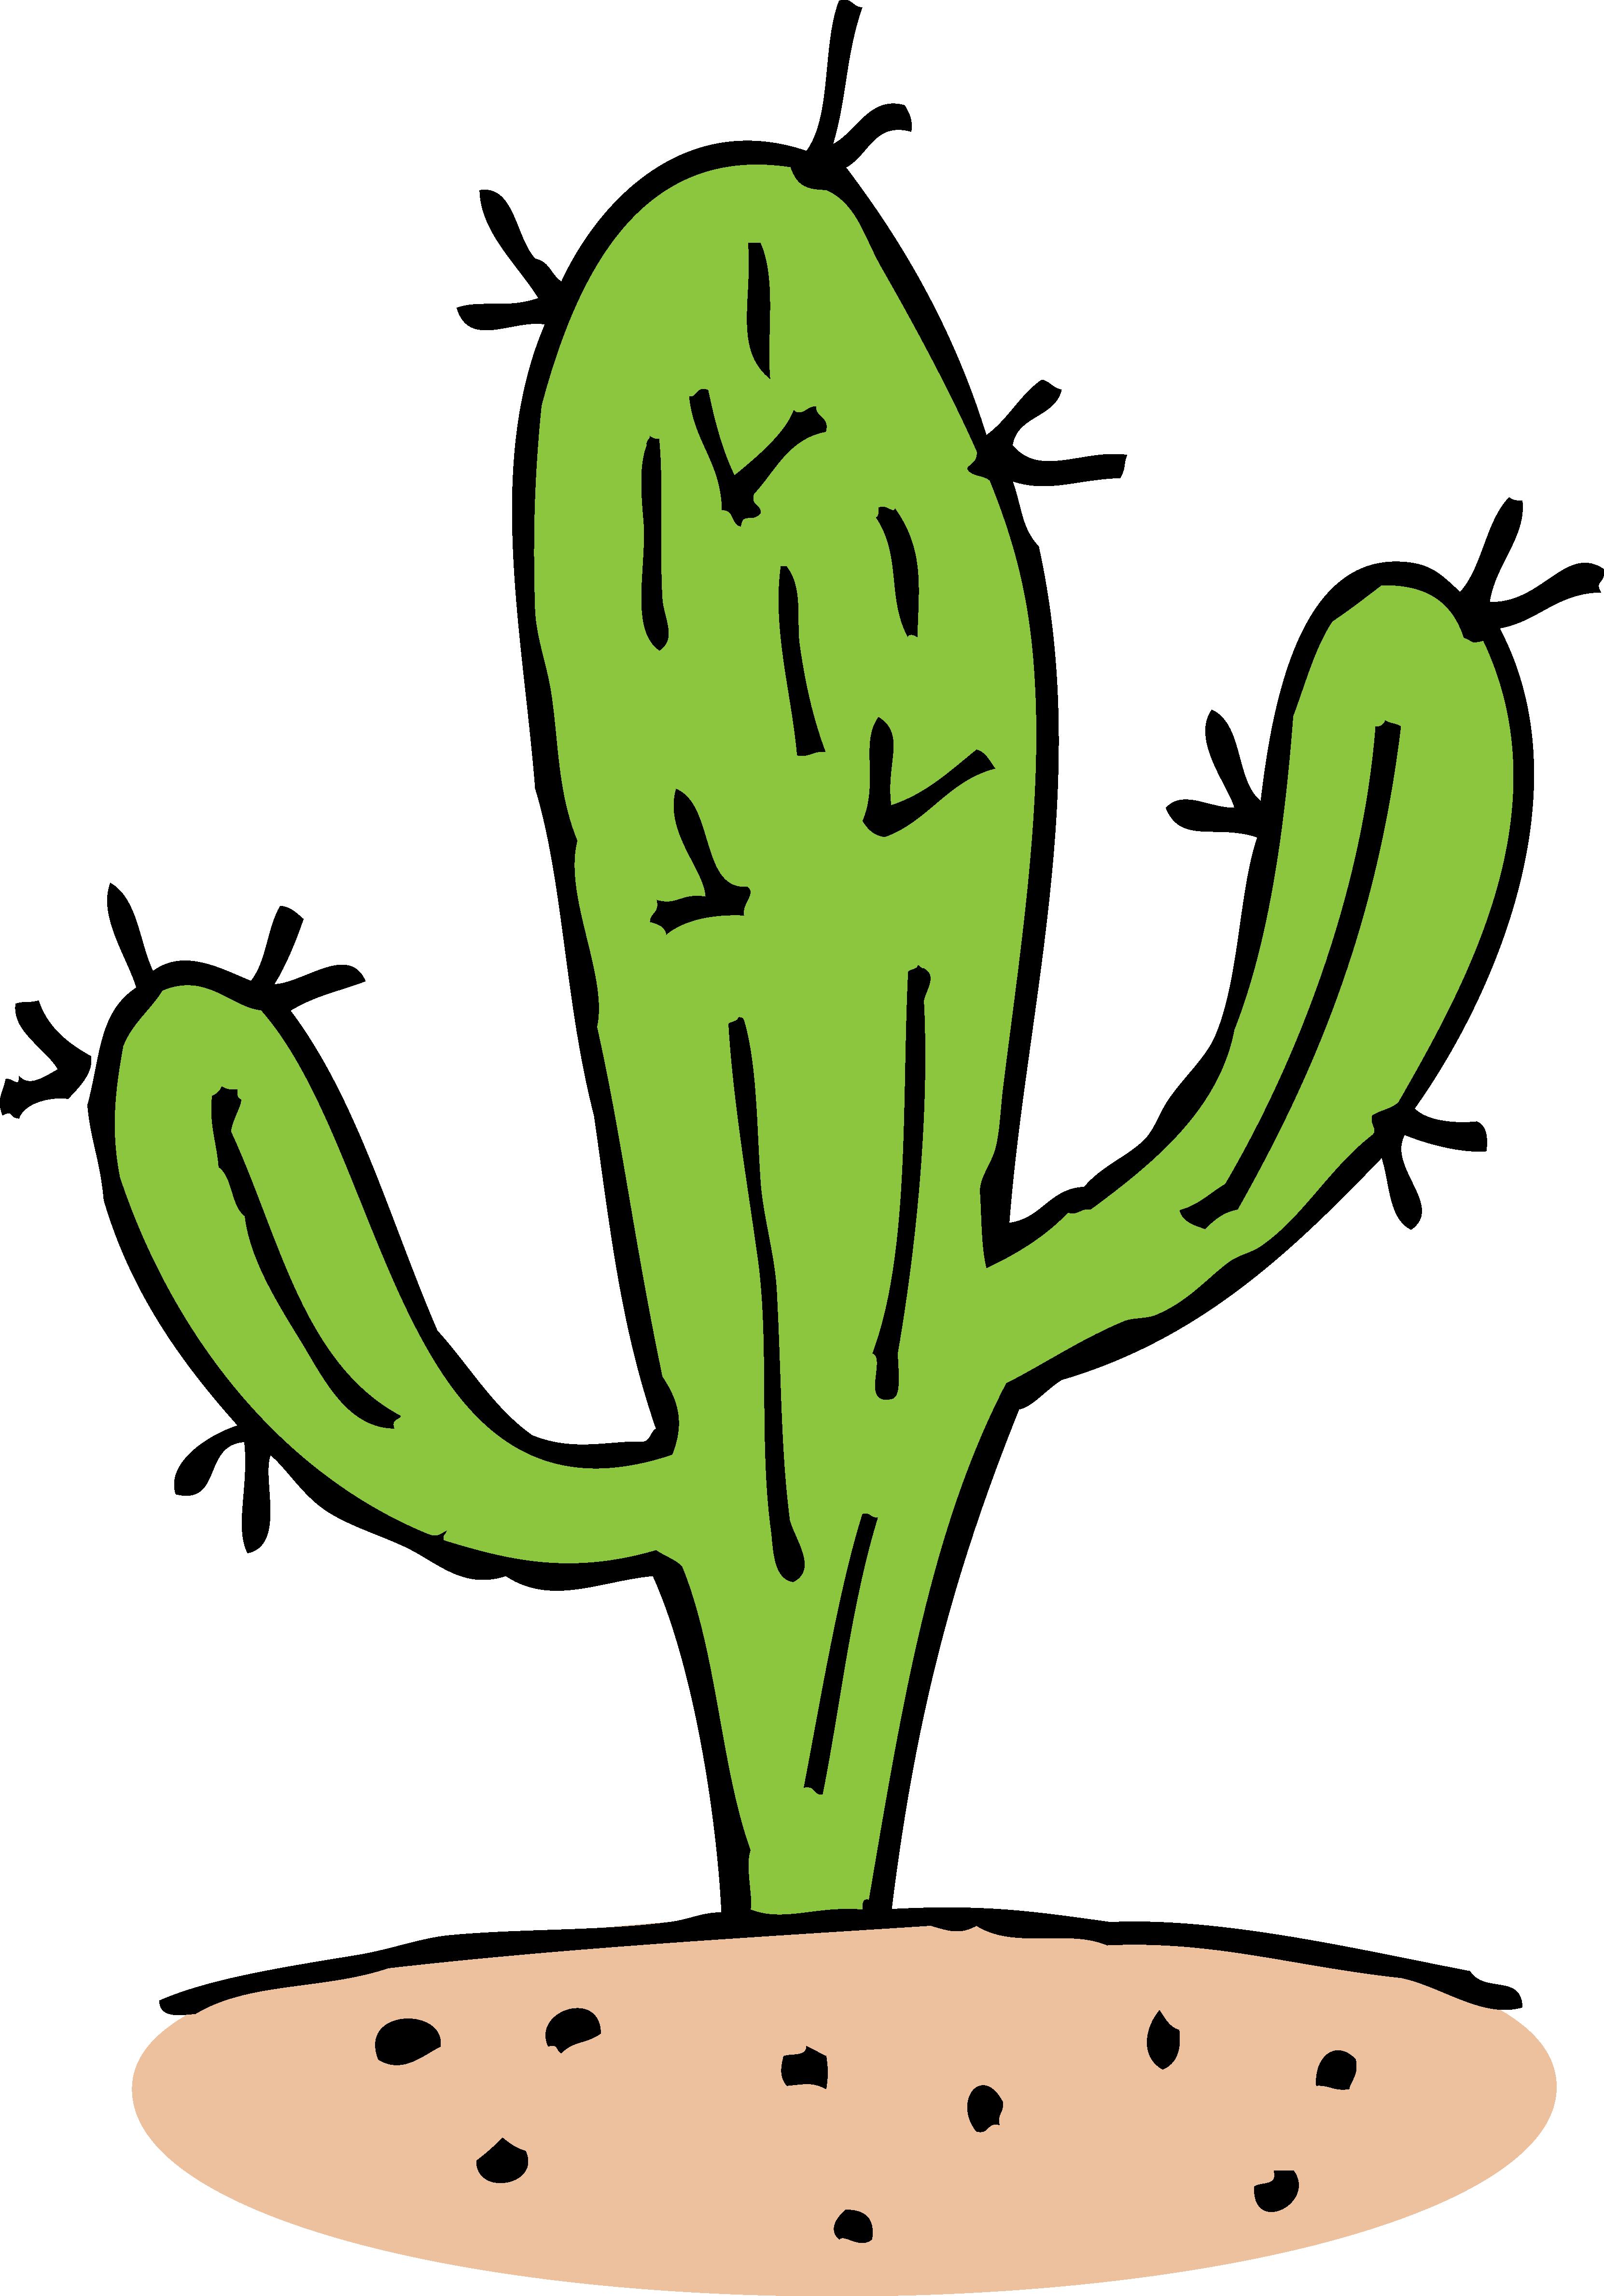 Cactus Clipart-cactus clipart-3